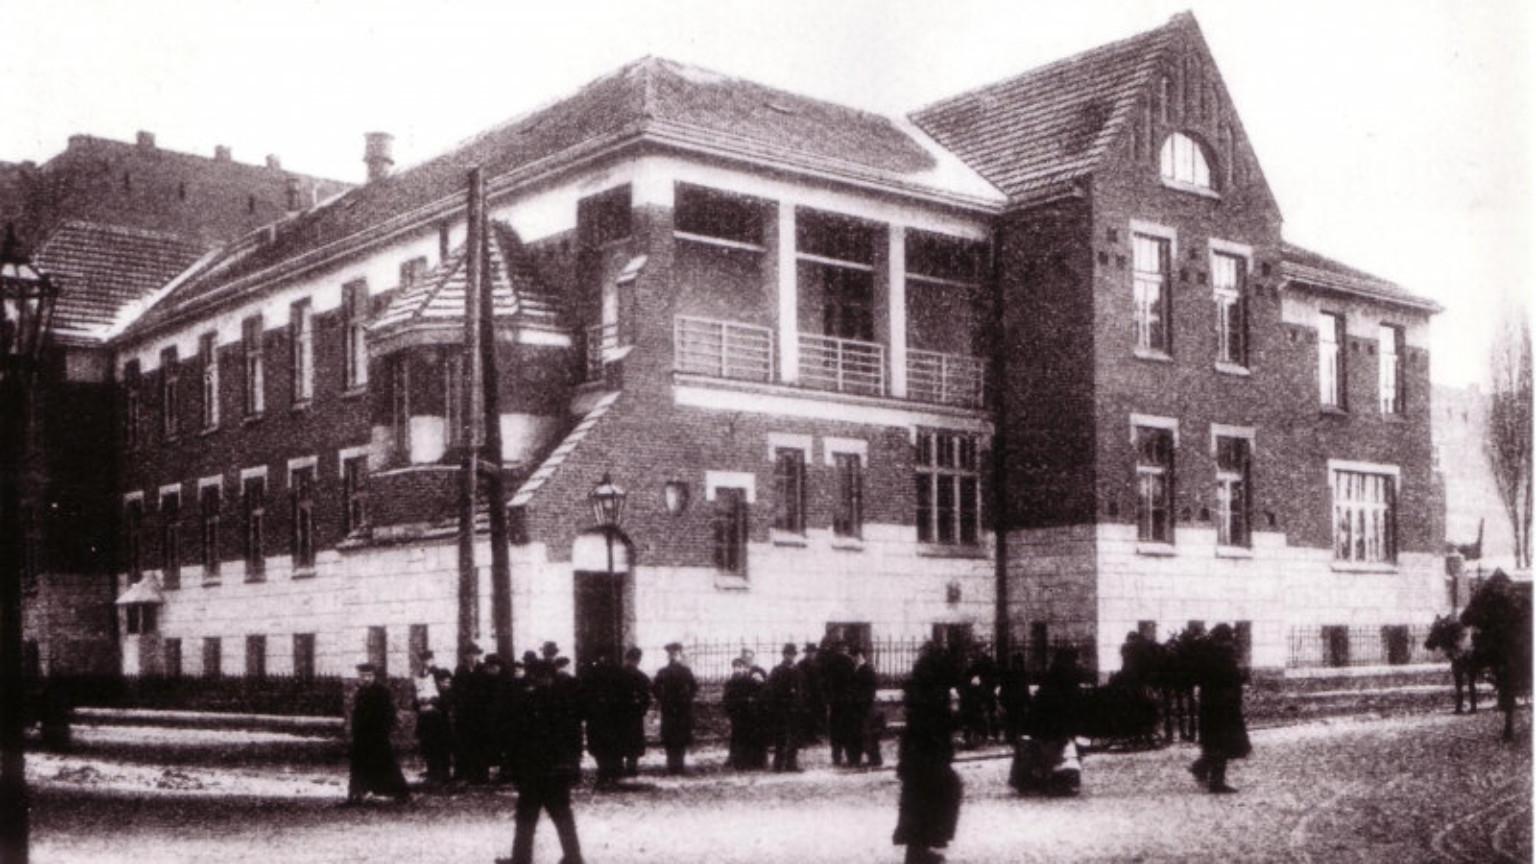 Zdjęcie dla kartki: Otwarcie szpitala św. Zofii